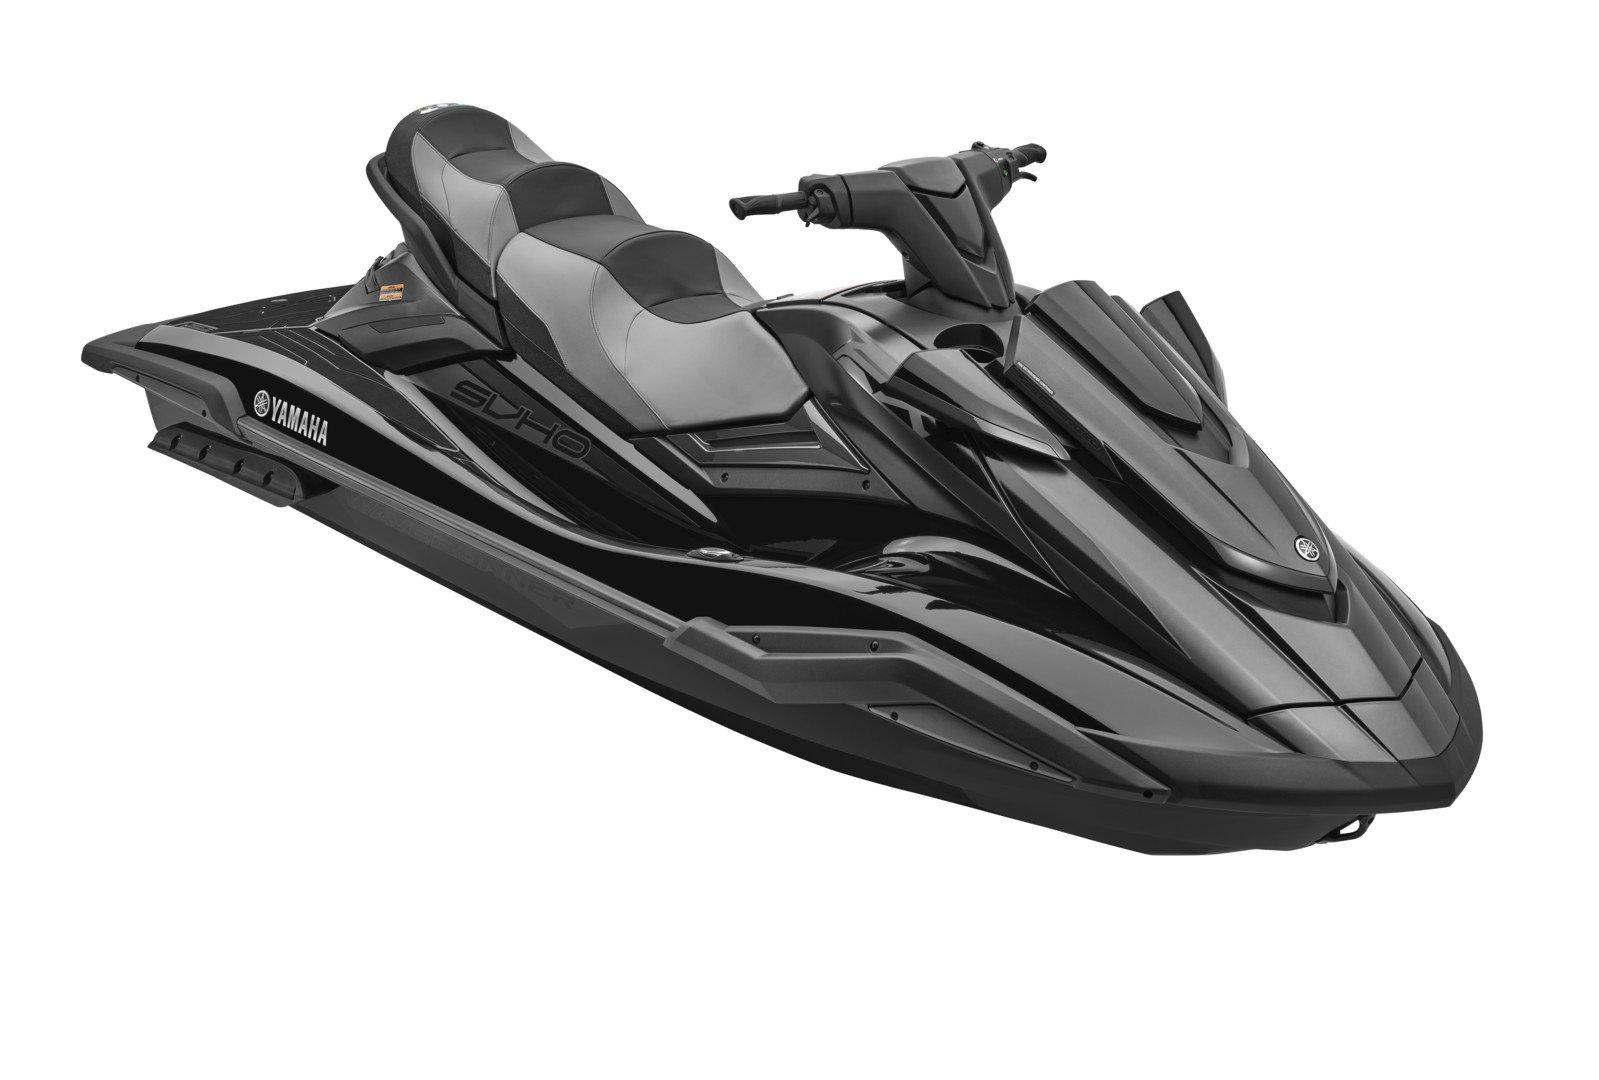 Yamaha-Waverunner-FX Cruiser SVHO-2021-Large